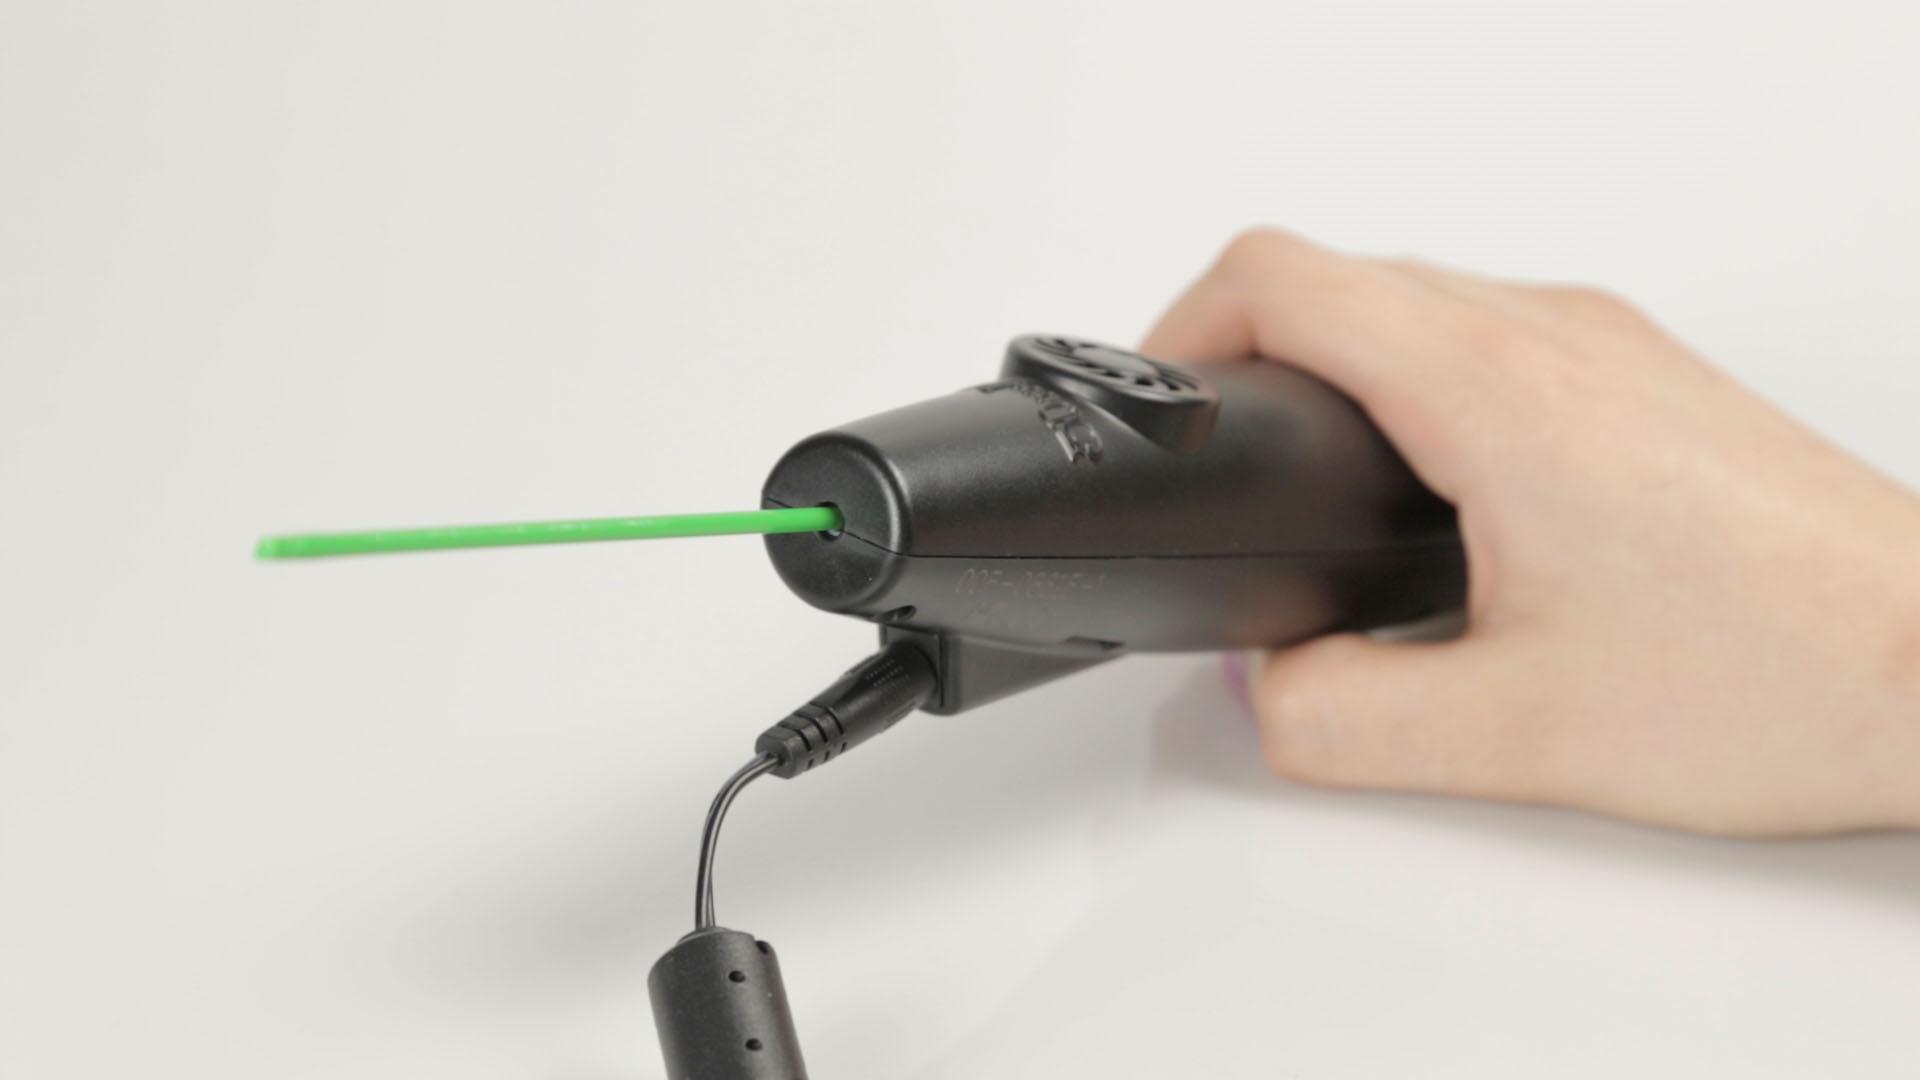 3Doodler im Test: Mit Geduld und Drucker - Es gibt keinen integrierten Akku, deswegen muss der 3Doodler an eine Steckdose angeschlossen werden.